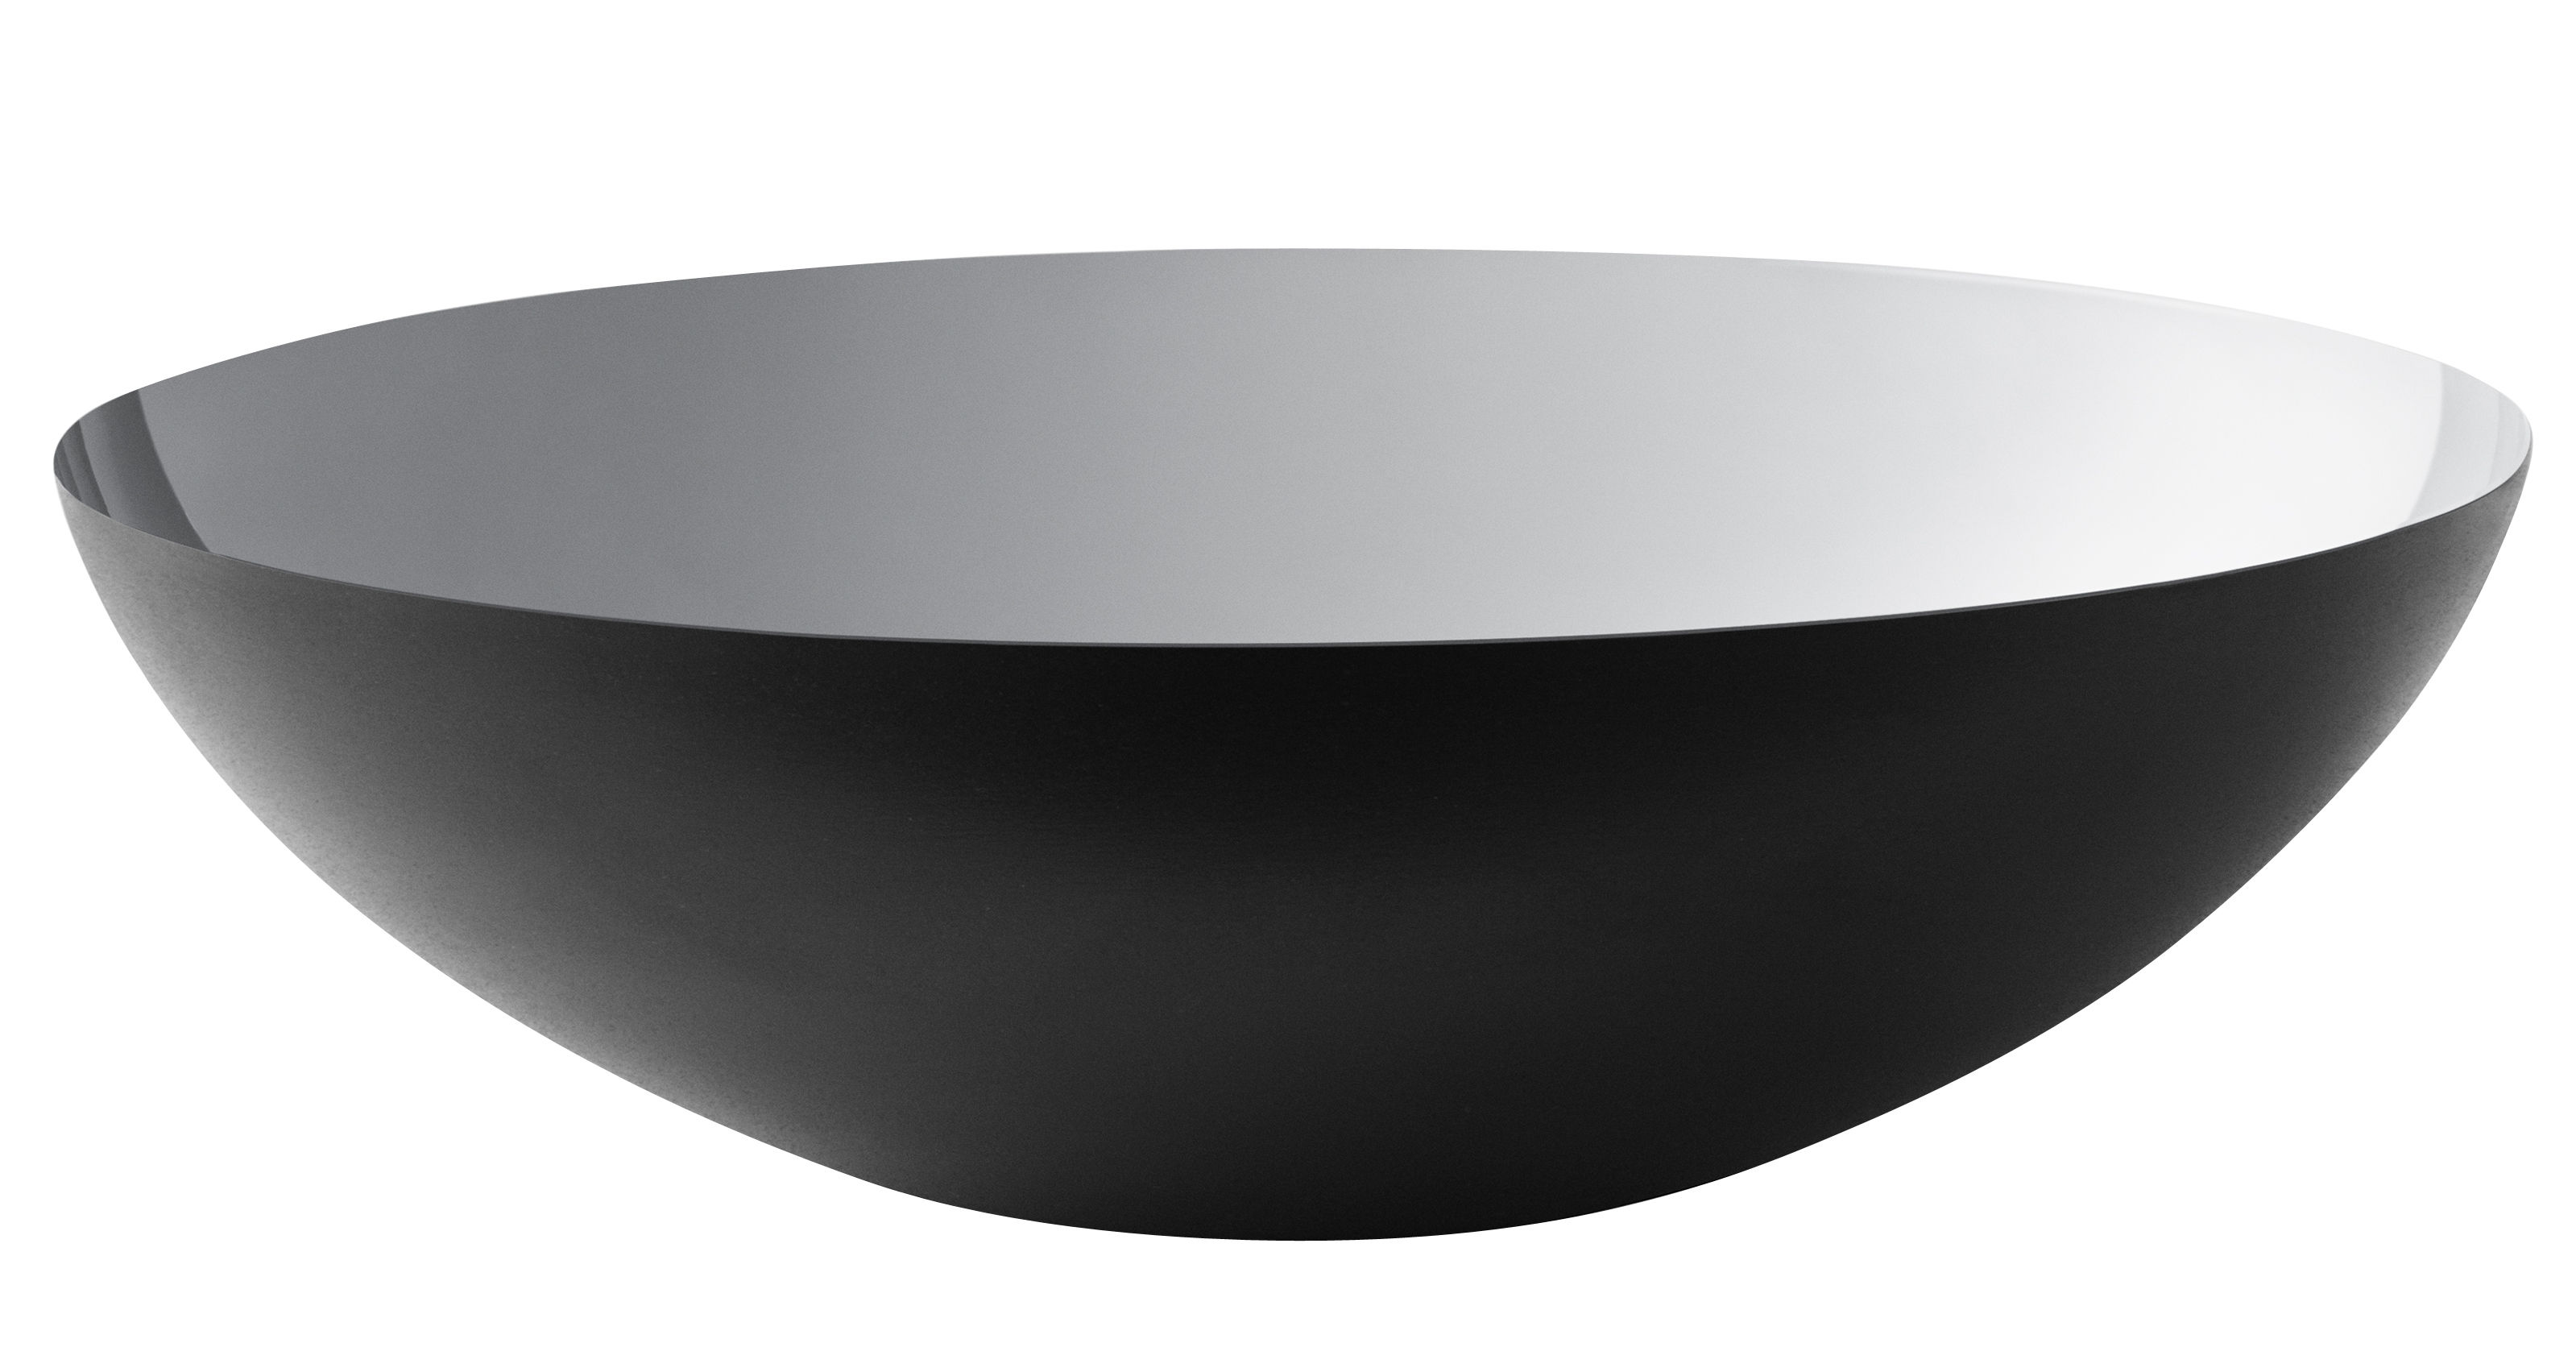 Arts de la table - Saladiers, coupes et bols - Saladier Krenit / Ø 38 x H 12 cm - Acier - Normann Copenhagen - Noir / Intérieur argent - Acier émaillé